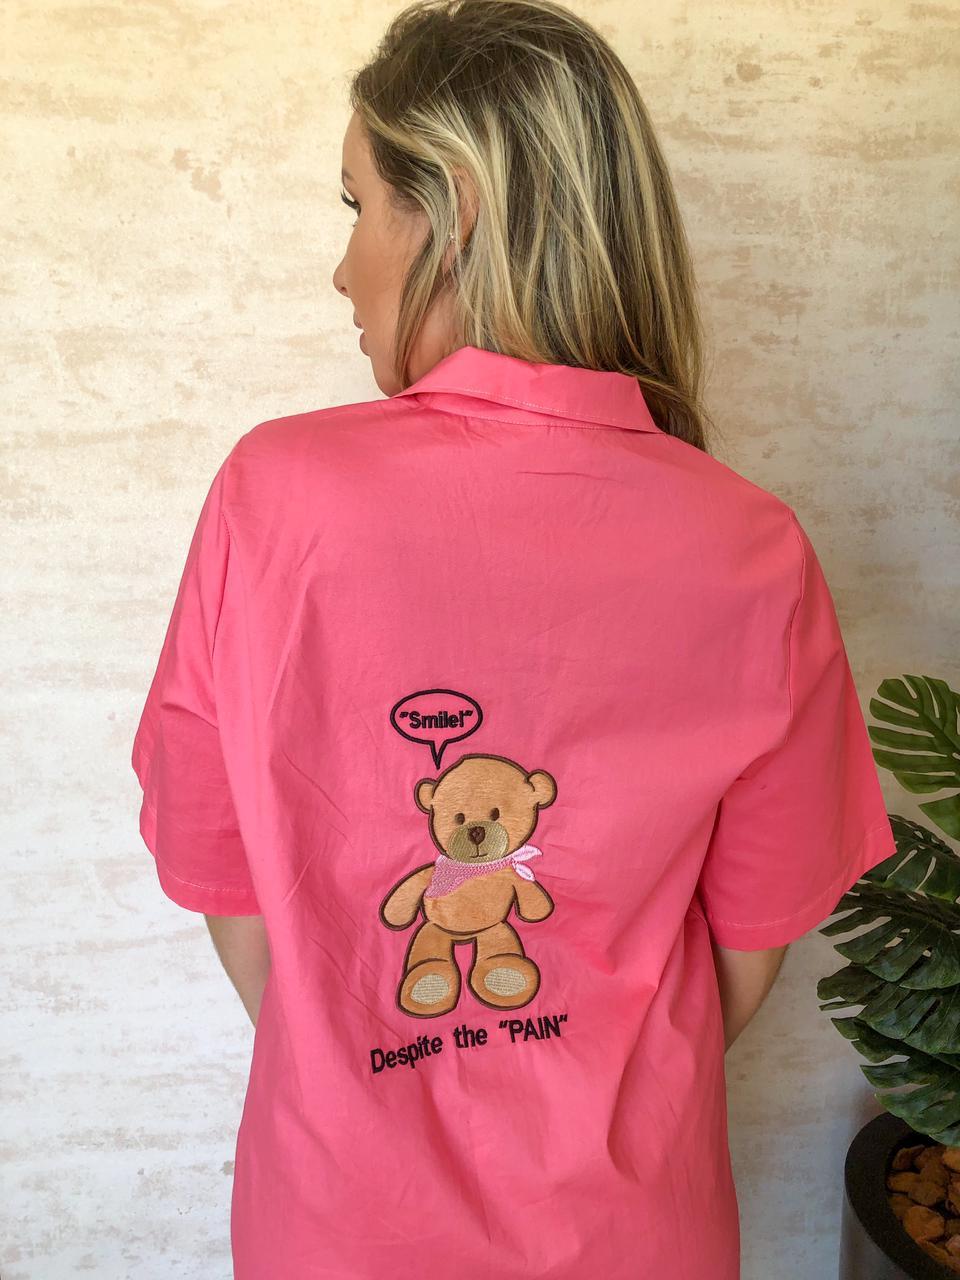 Chemise teddy bear